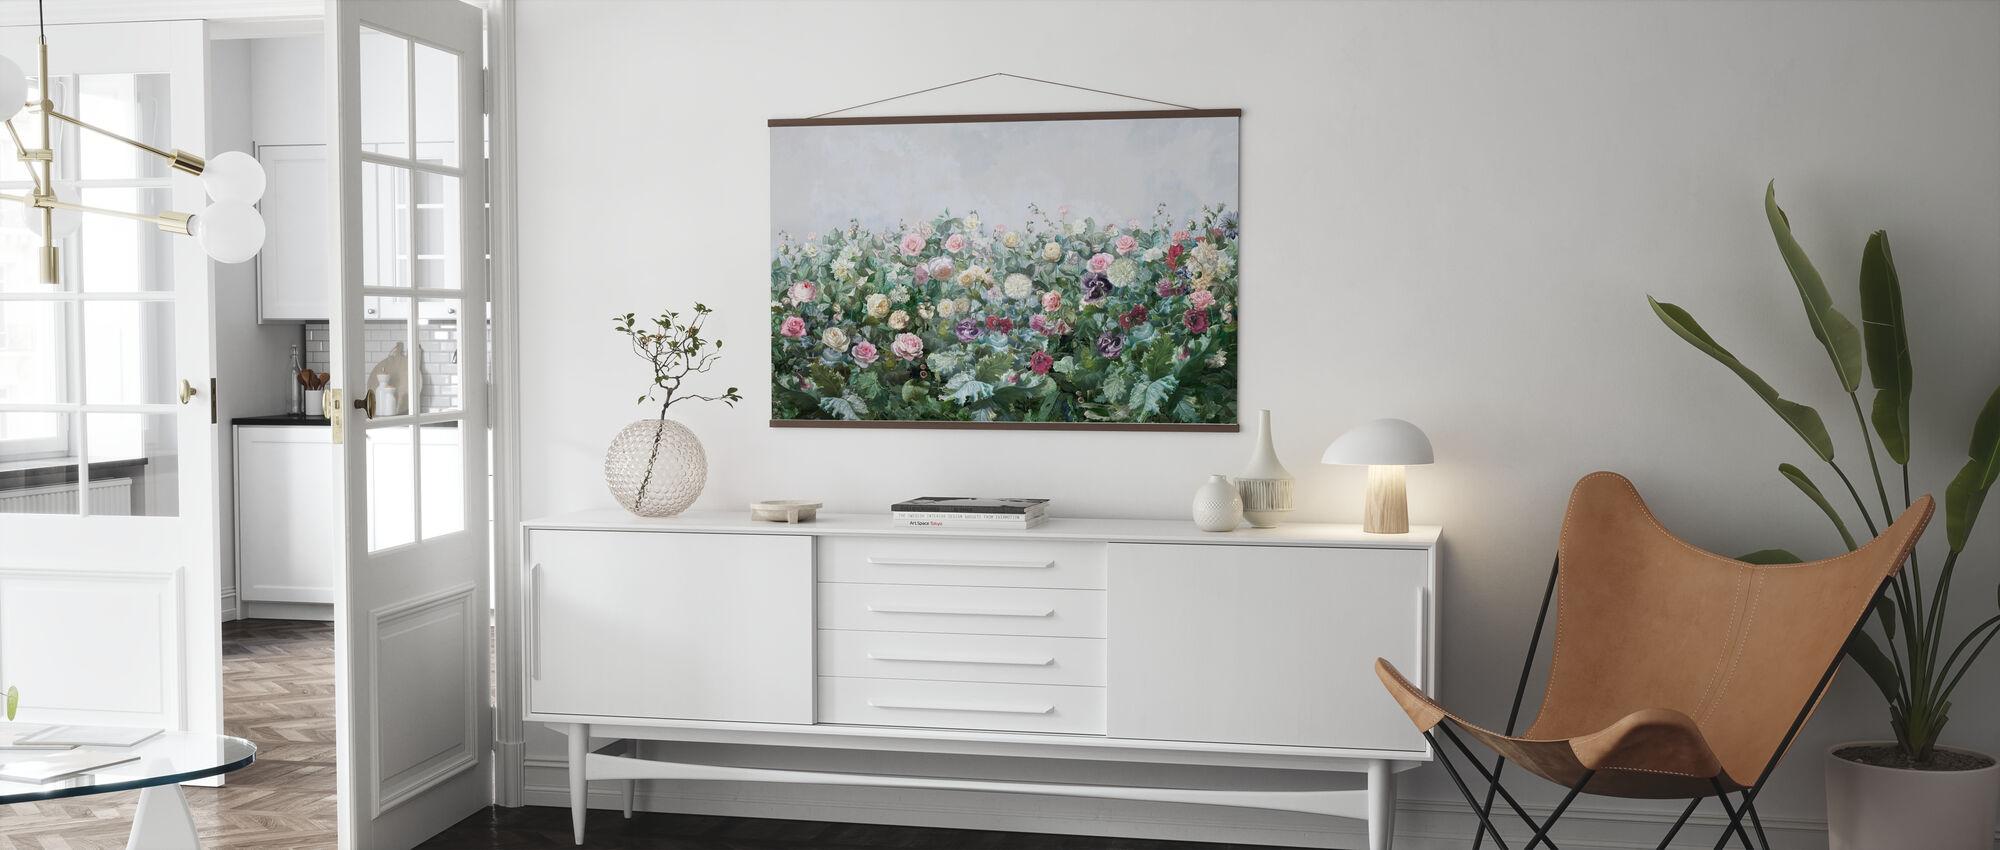 Blomma Potpourri - Poster - Vardagsrum